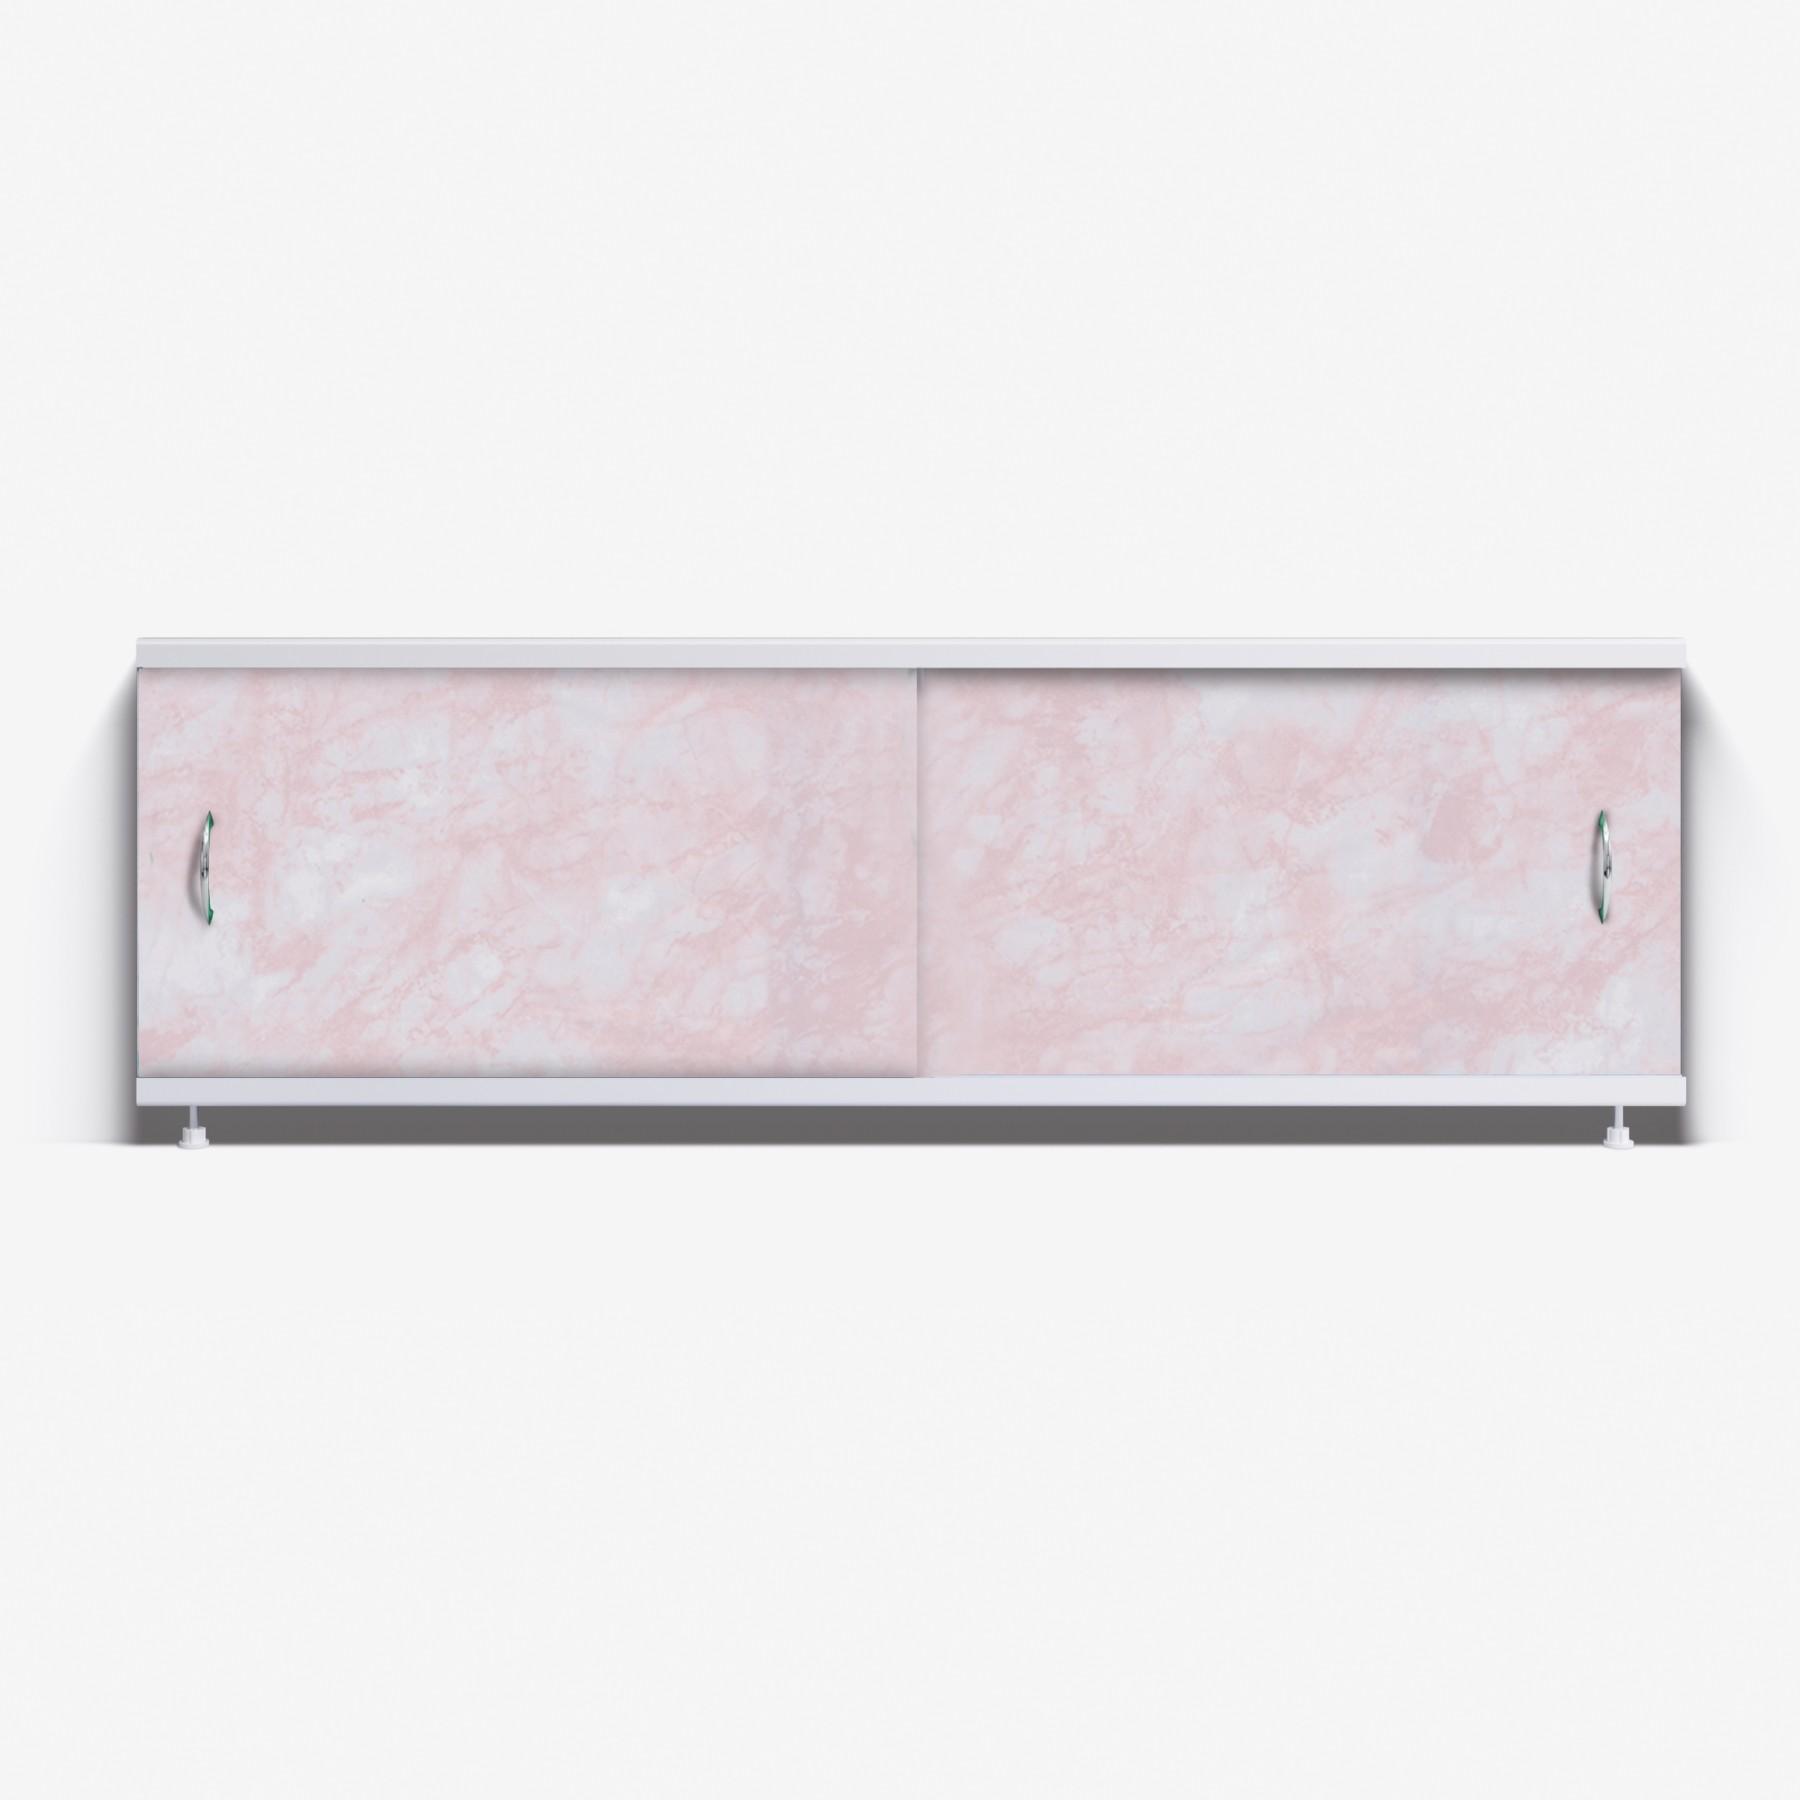 Экран под ванну Классик 170 розовый глянец